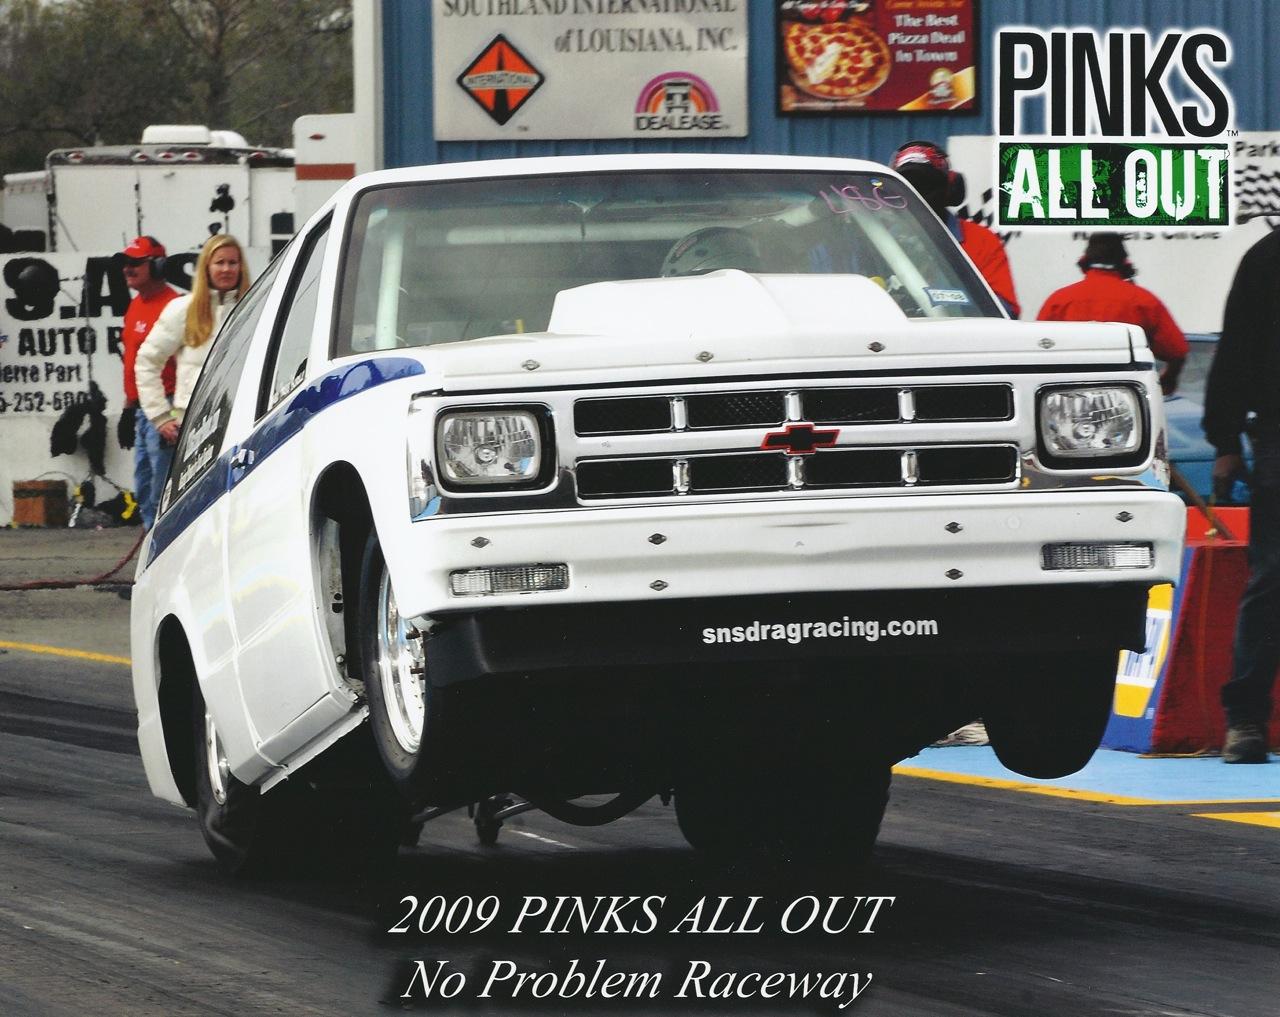 1988 Chevrolet S10 Blazer 1/4 mile Drag Racing timeslip specs 0-60